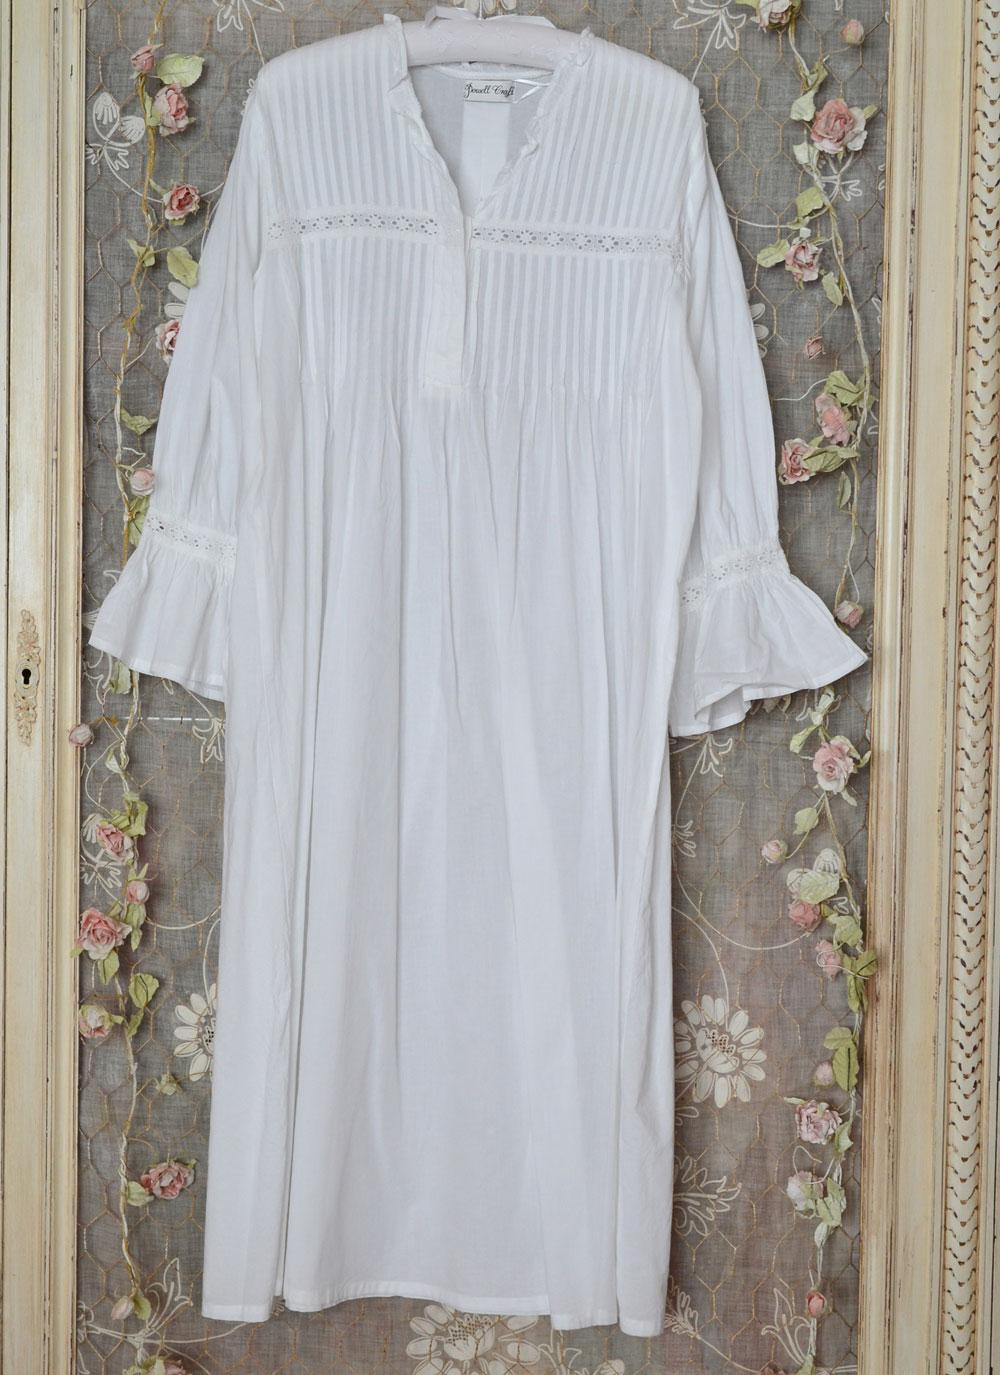 Womens Sleepwear, Nightgowns and Pajamas | Blarney